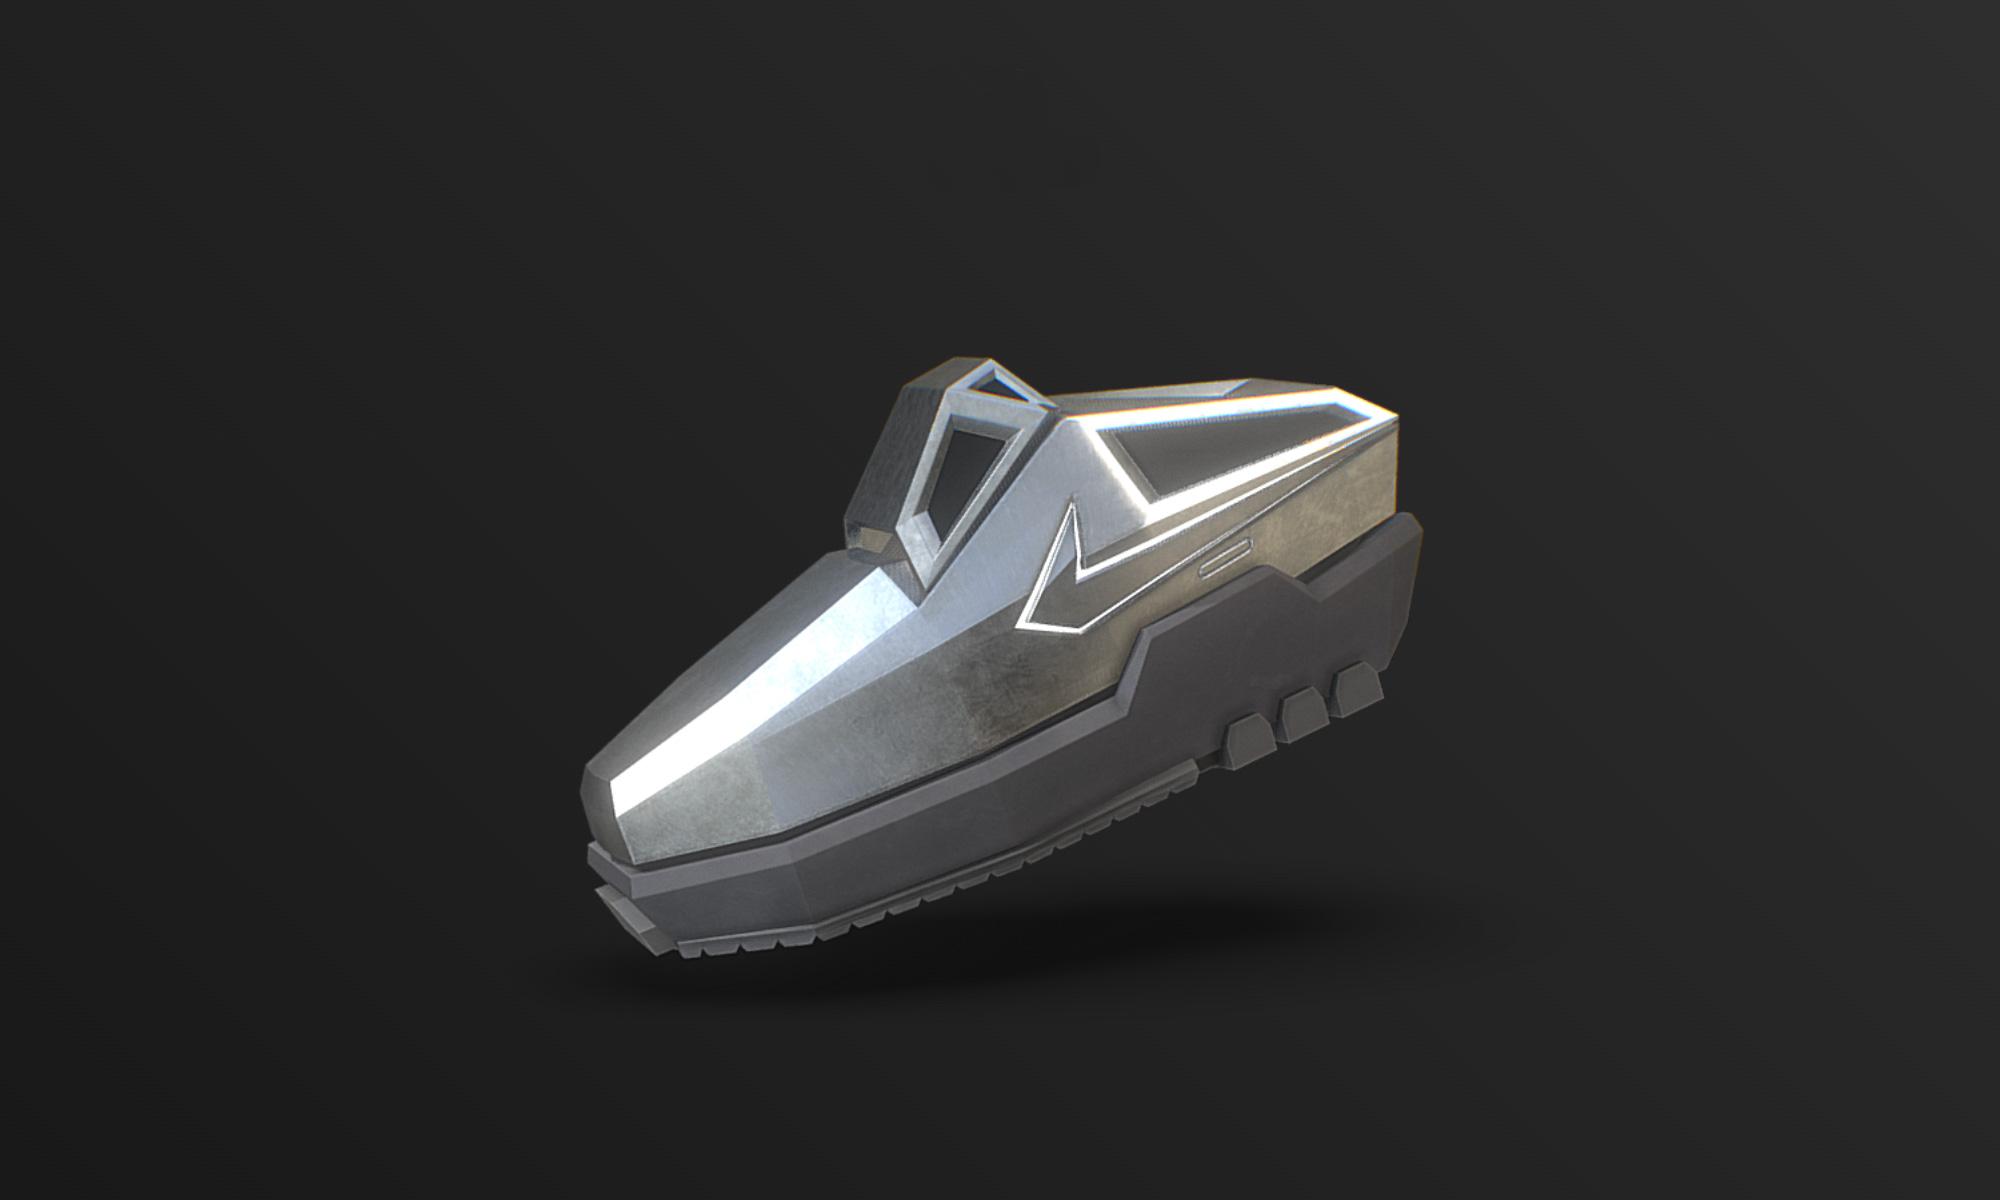 虚拟球鞋,你觉得很扯吗?